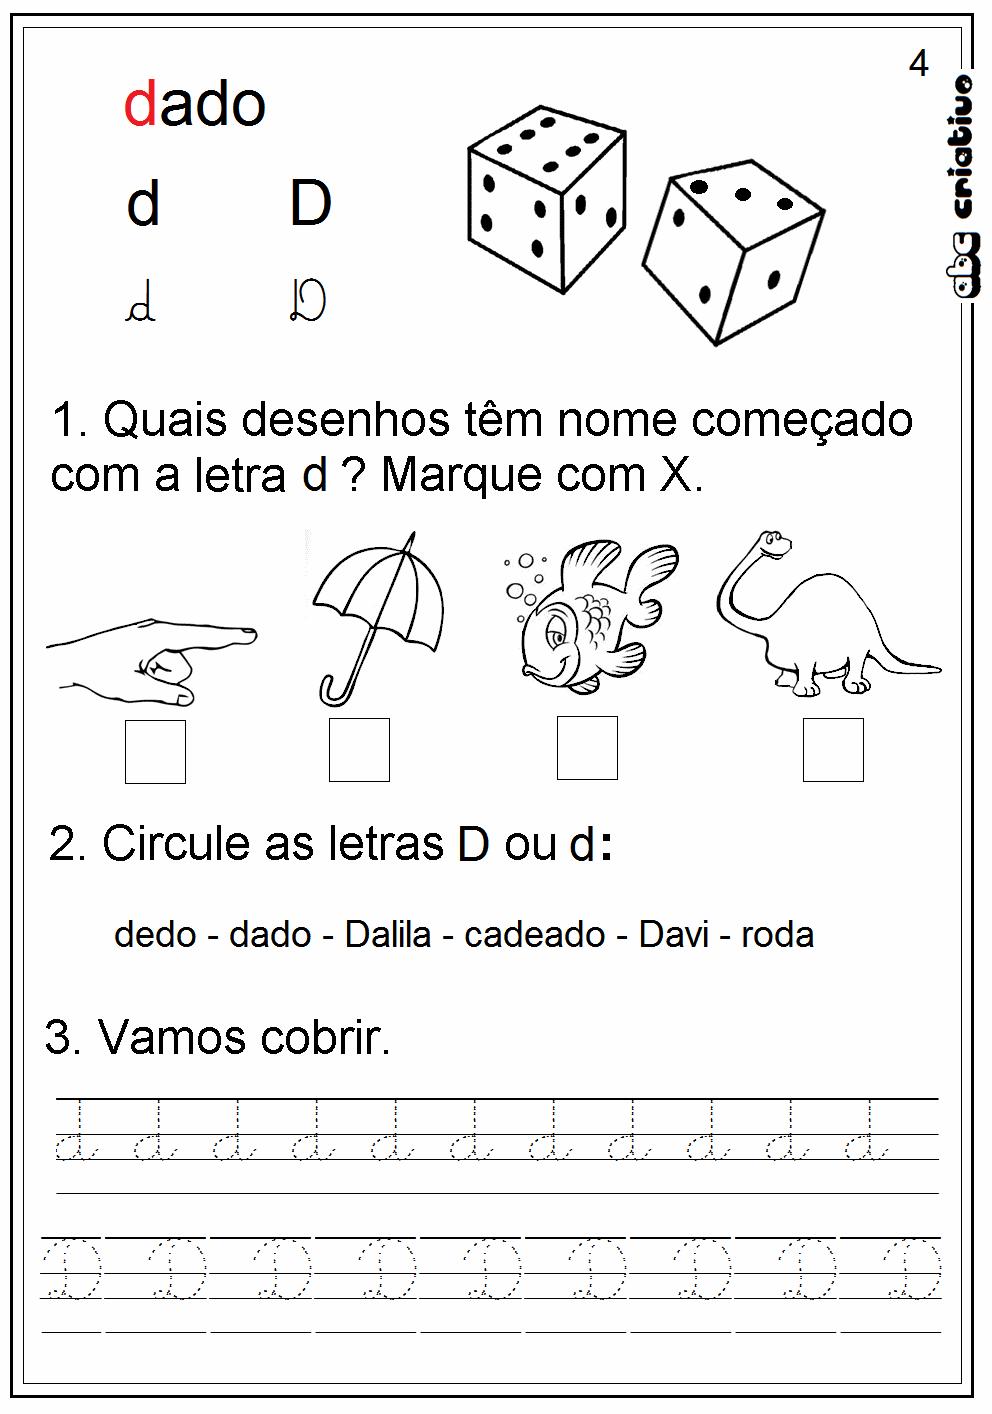 infantil autisme sprog